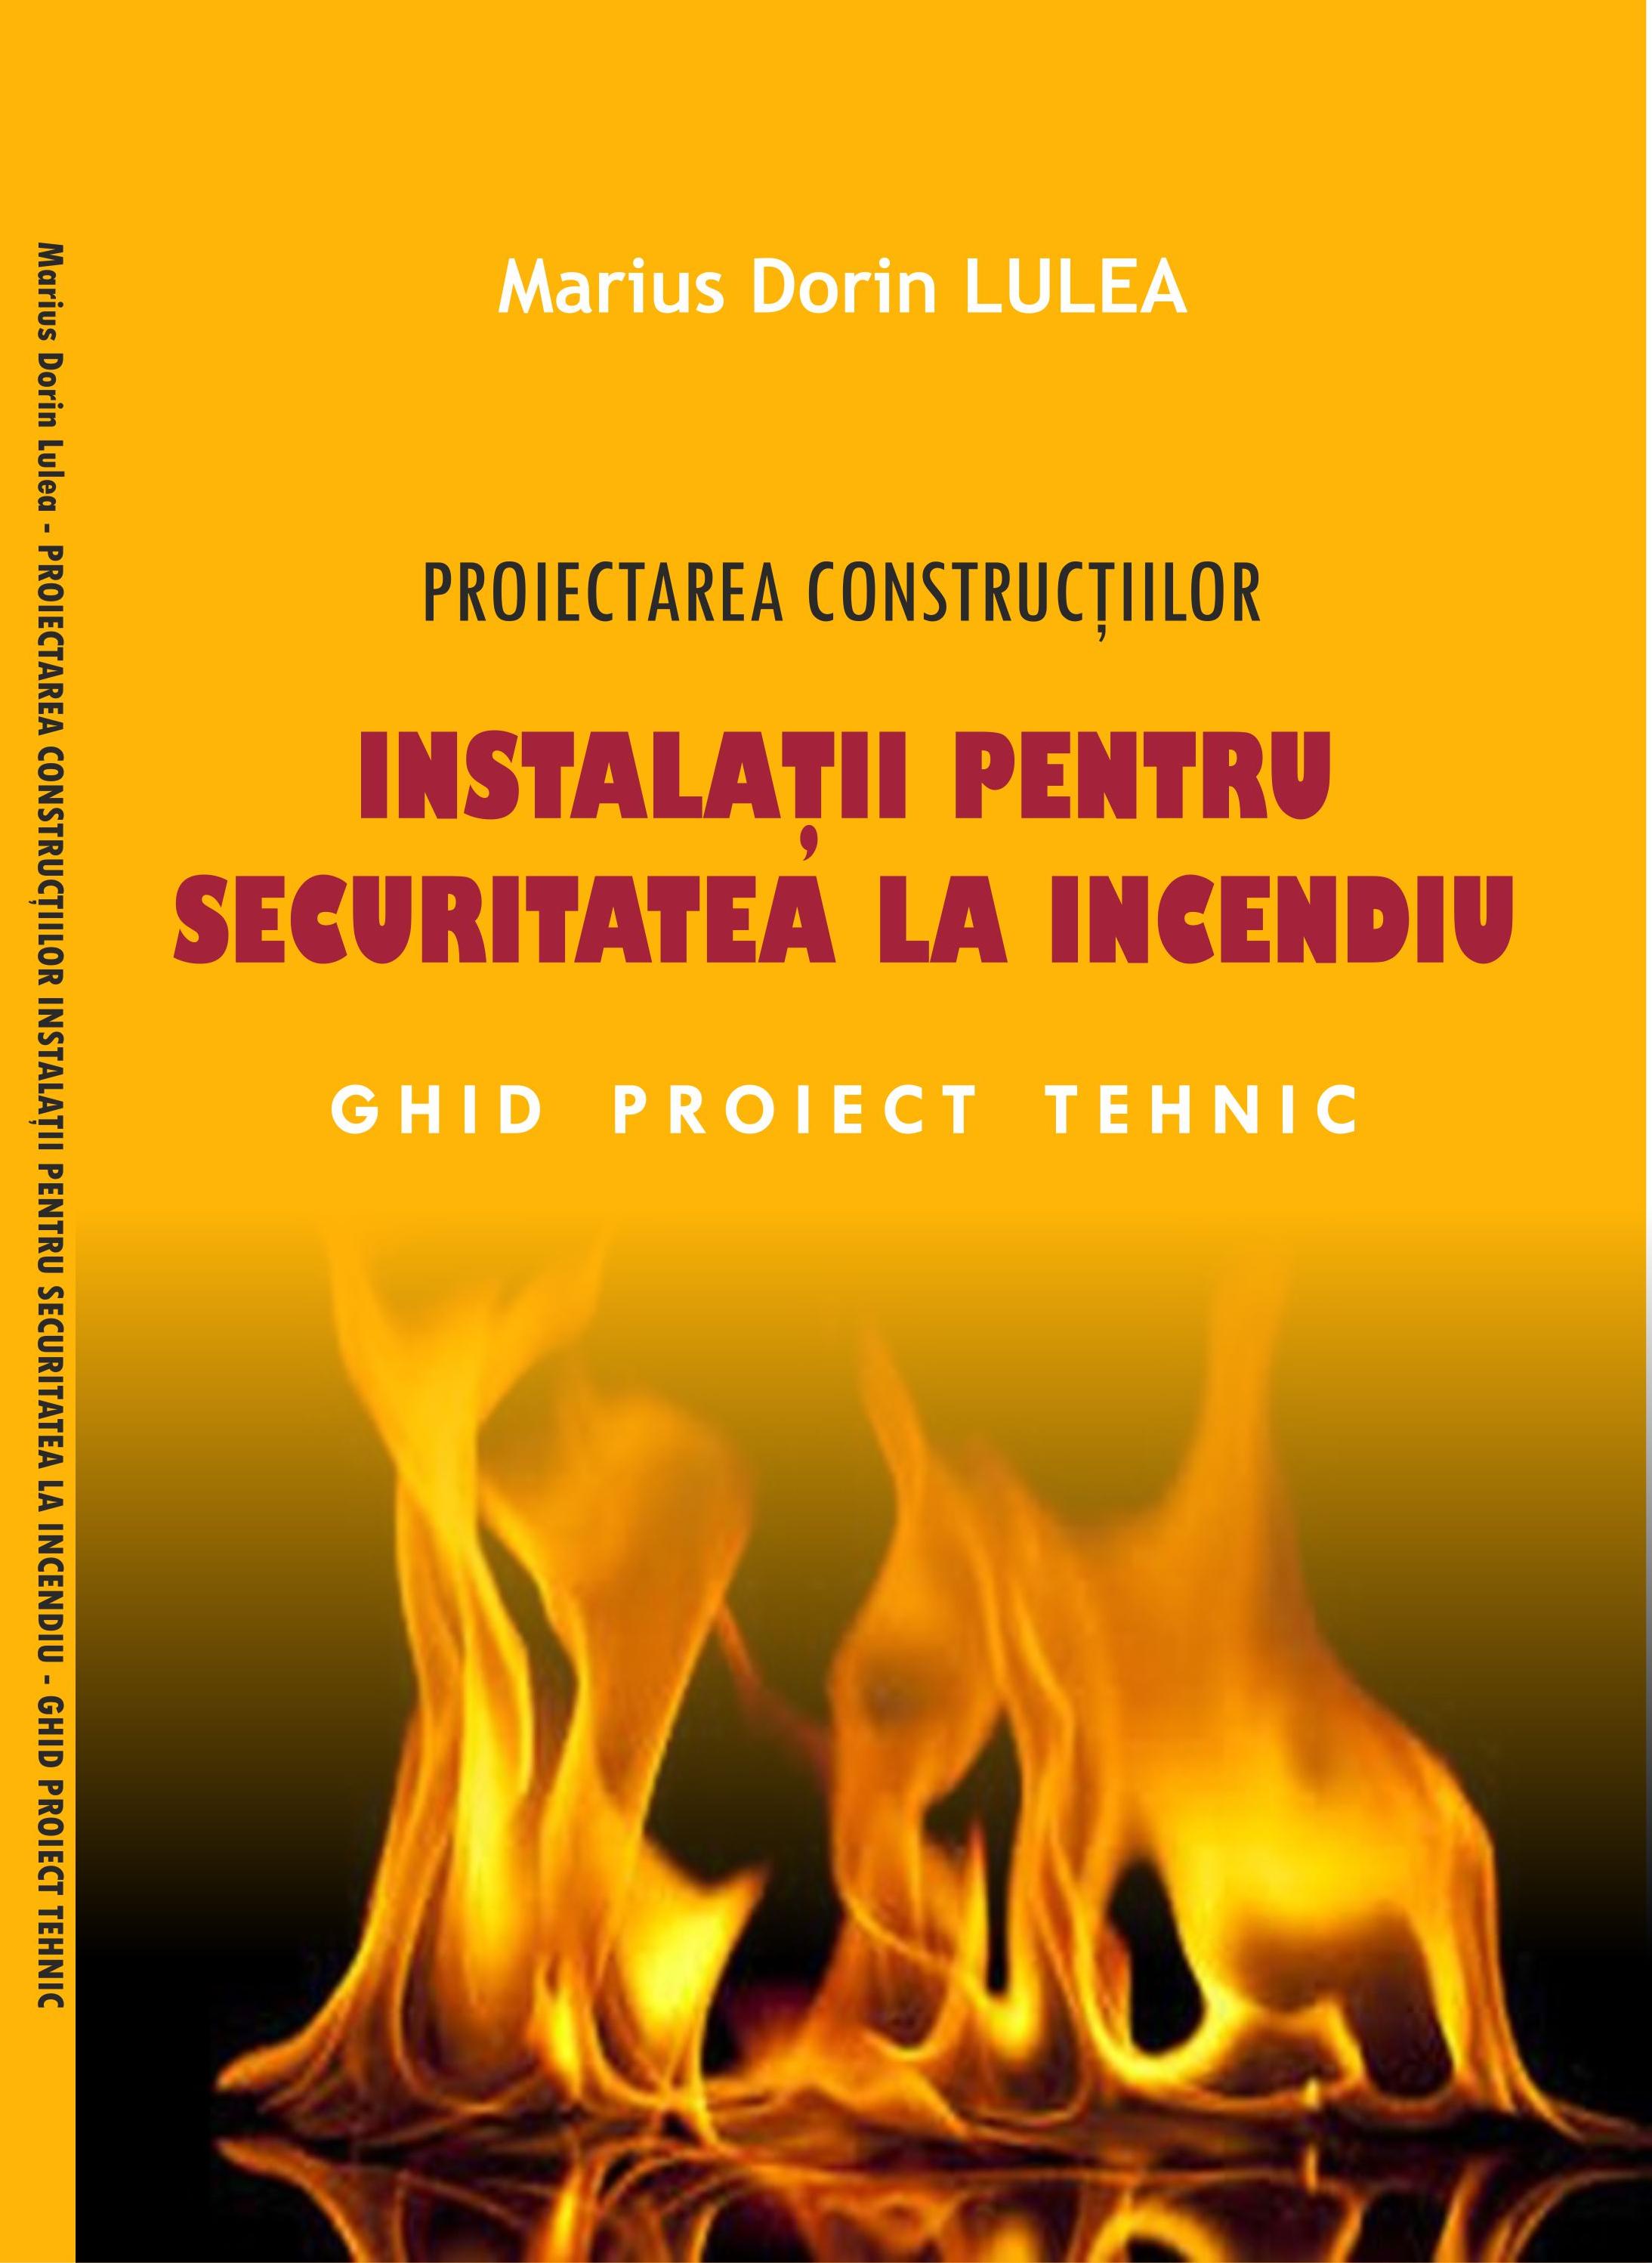 carte instalatii pentru securitatea la incendiu a constructiilor lulea marius dorin